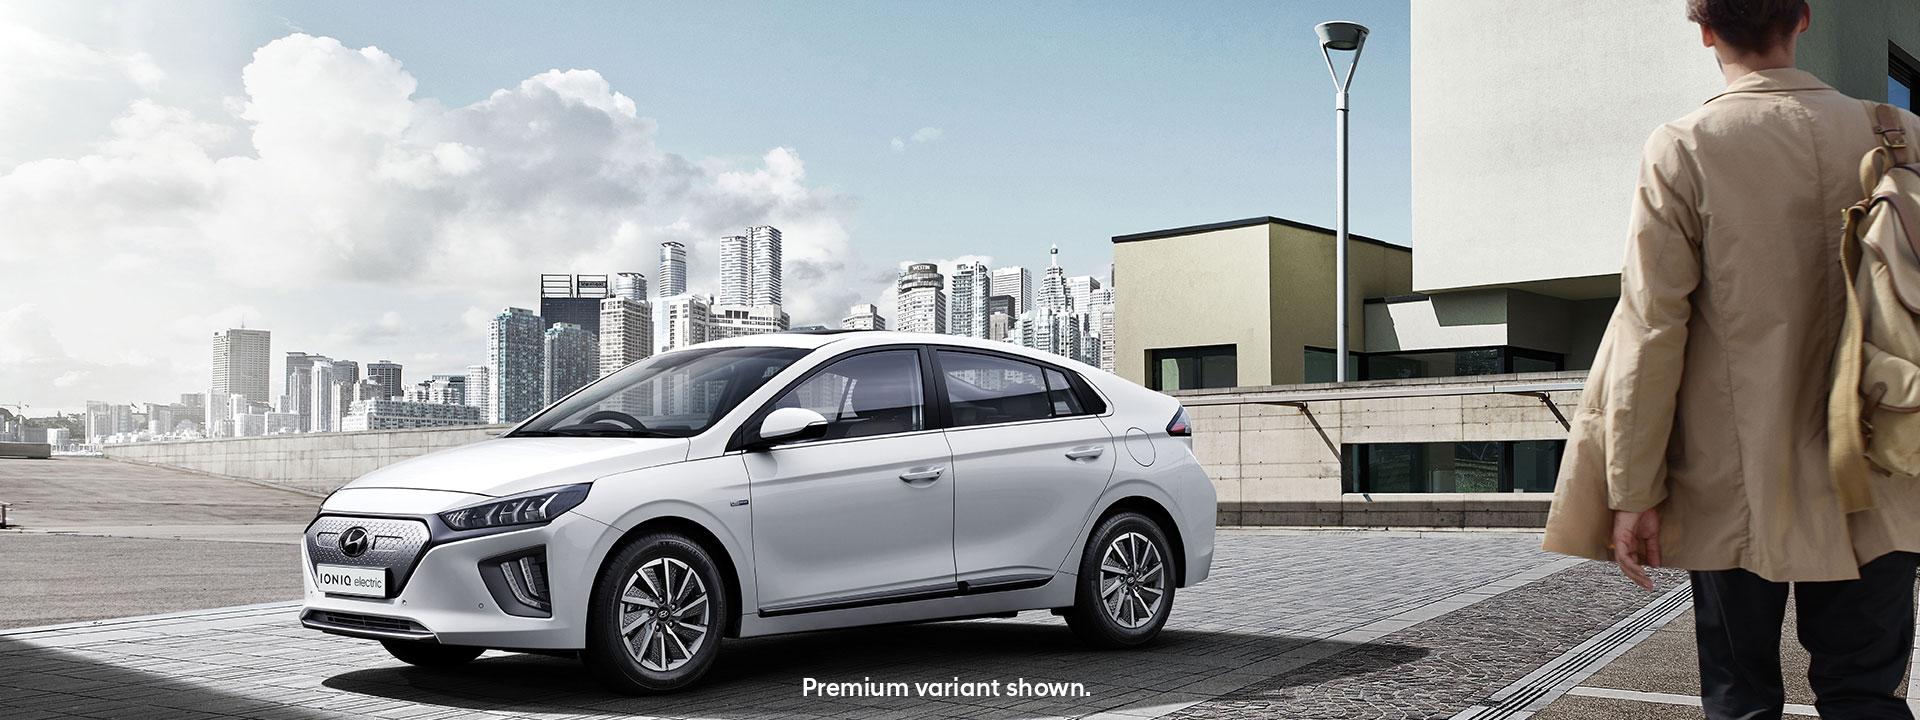 Hyundai_IONIQ_EV_EXT_hotspot_1920x720_v21